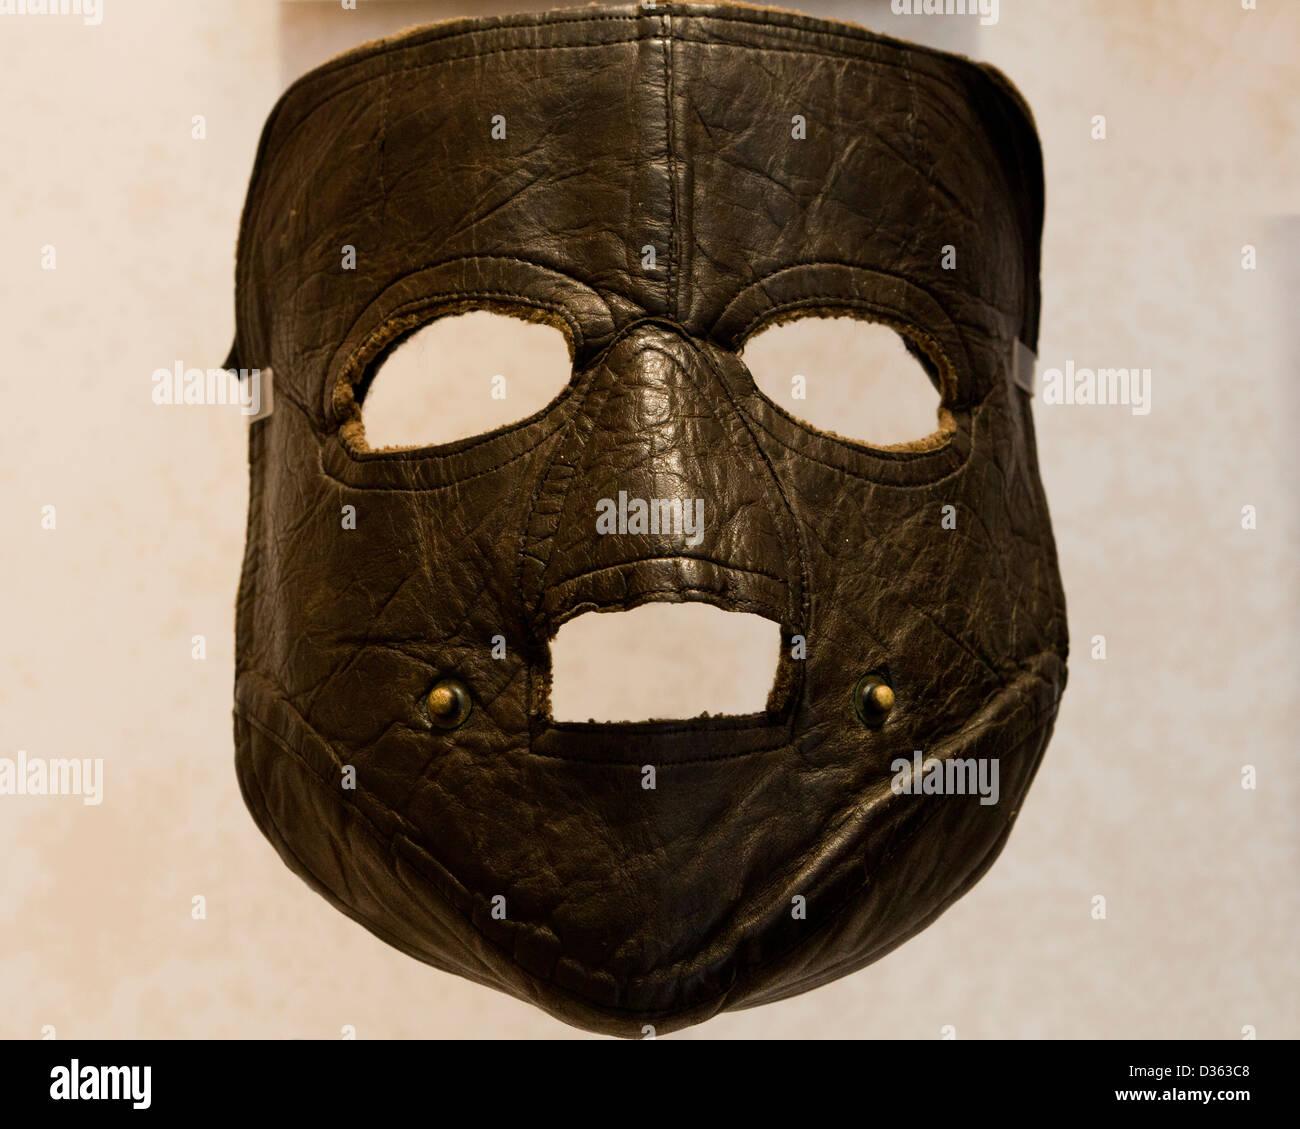 Cuoio maschera facciale Immagini Stock